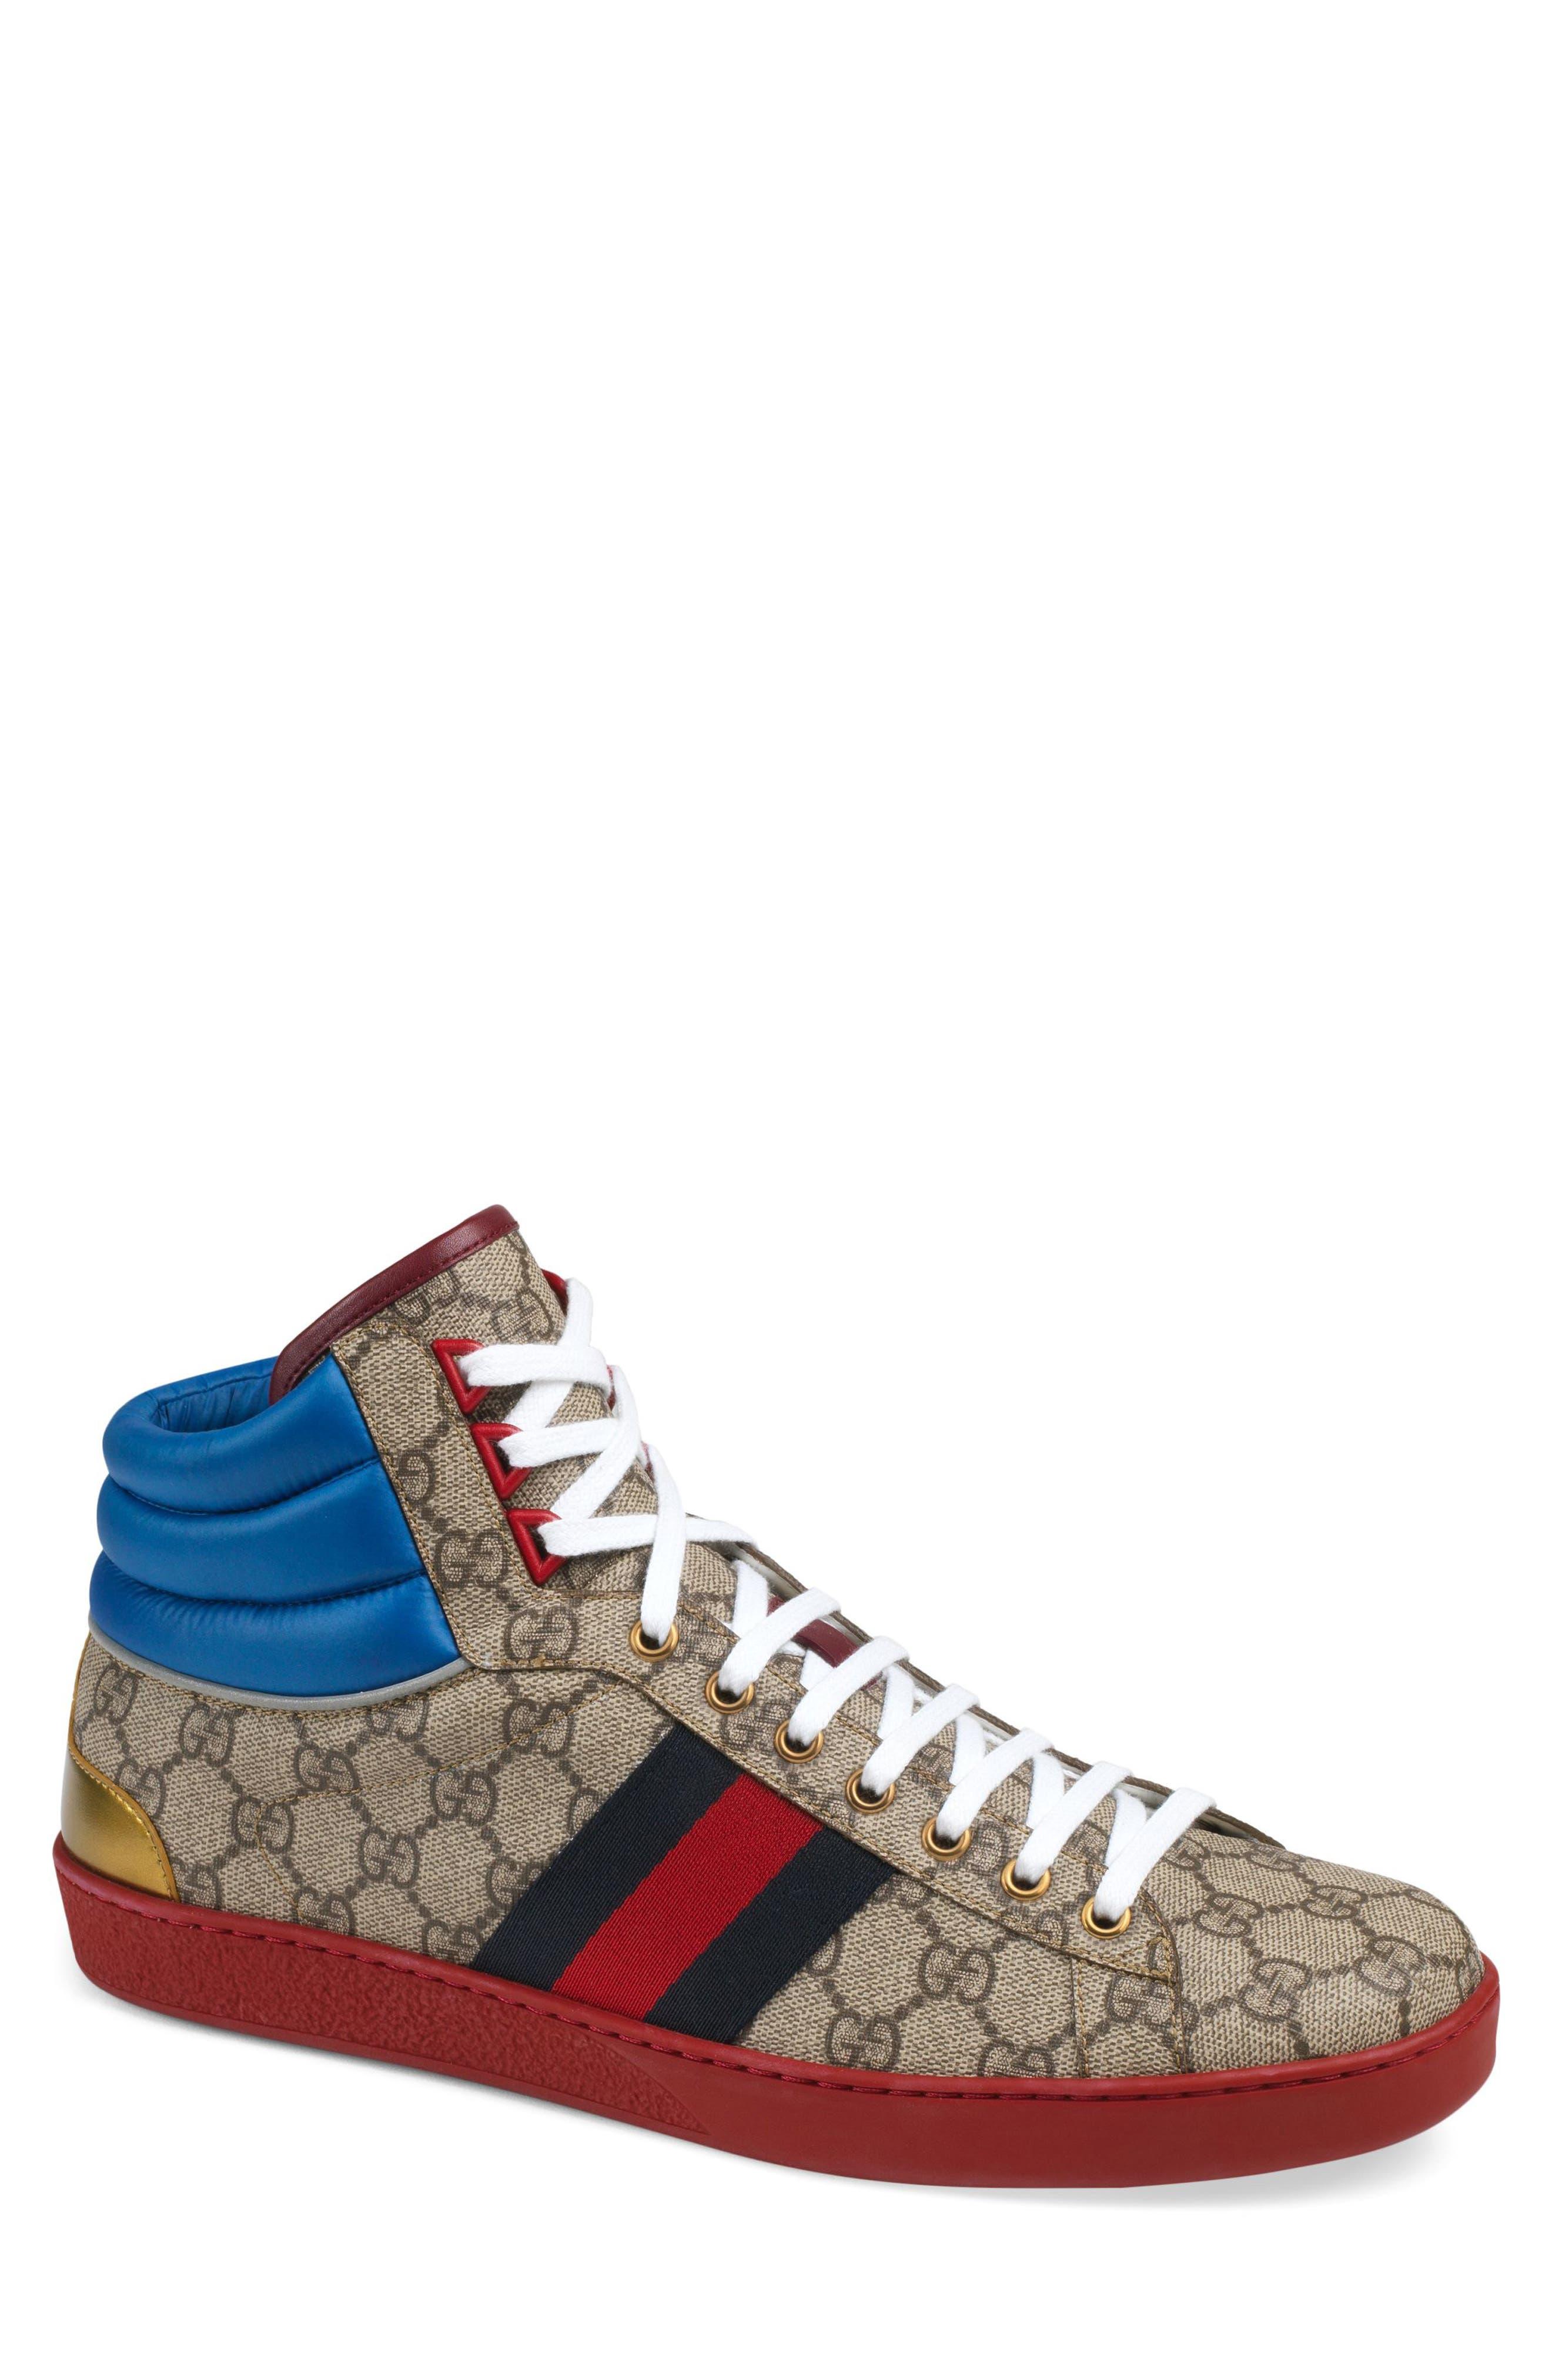 نسخ لارتفاع مقياس gucci supreme shoes